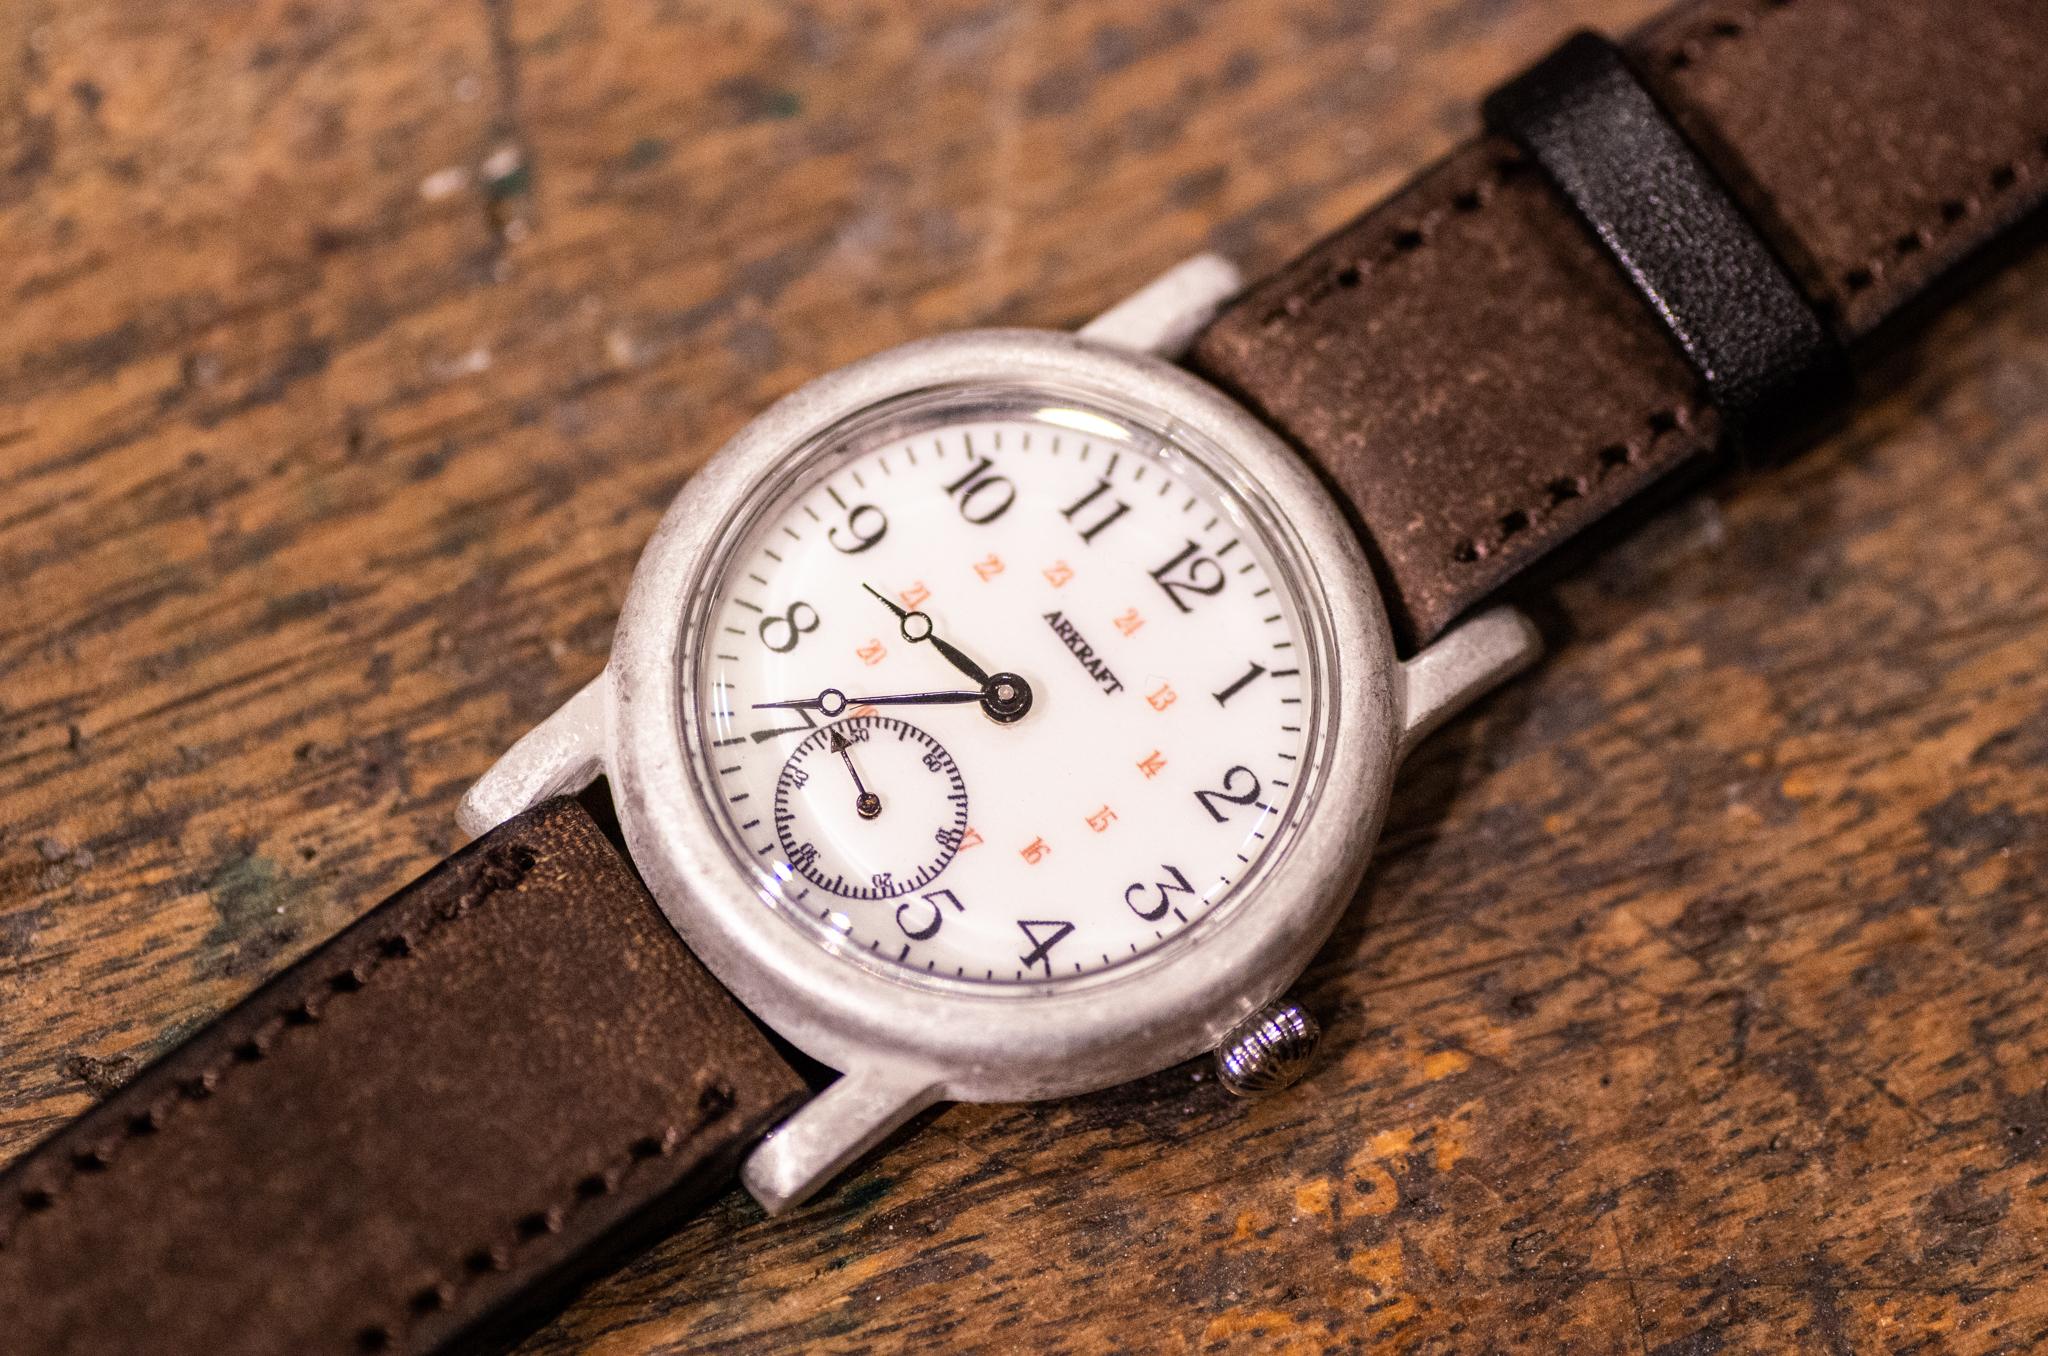 ヴィンテージ感のある雰囲気の良い腕時計(Vines SS/店頭在庫品)